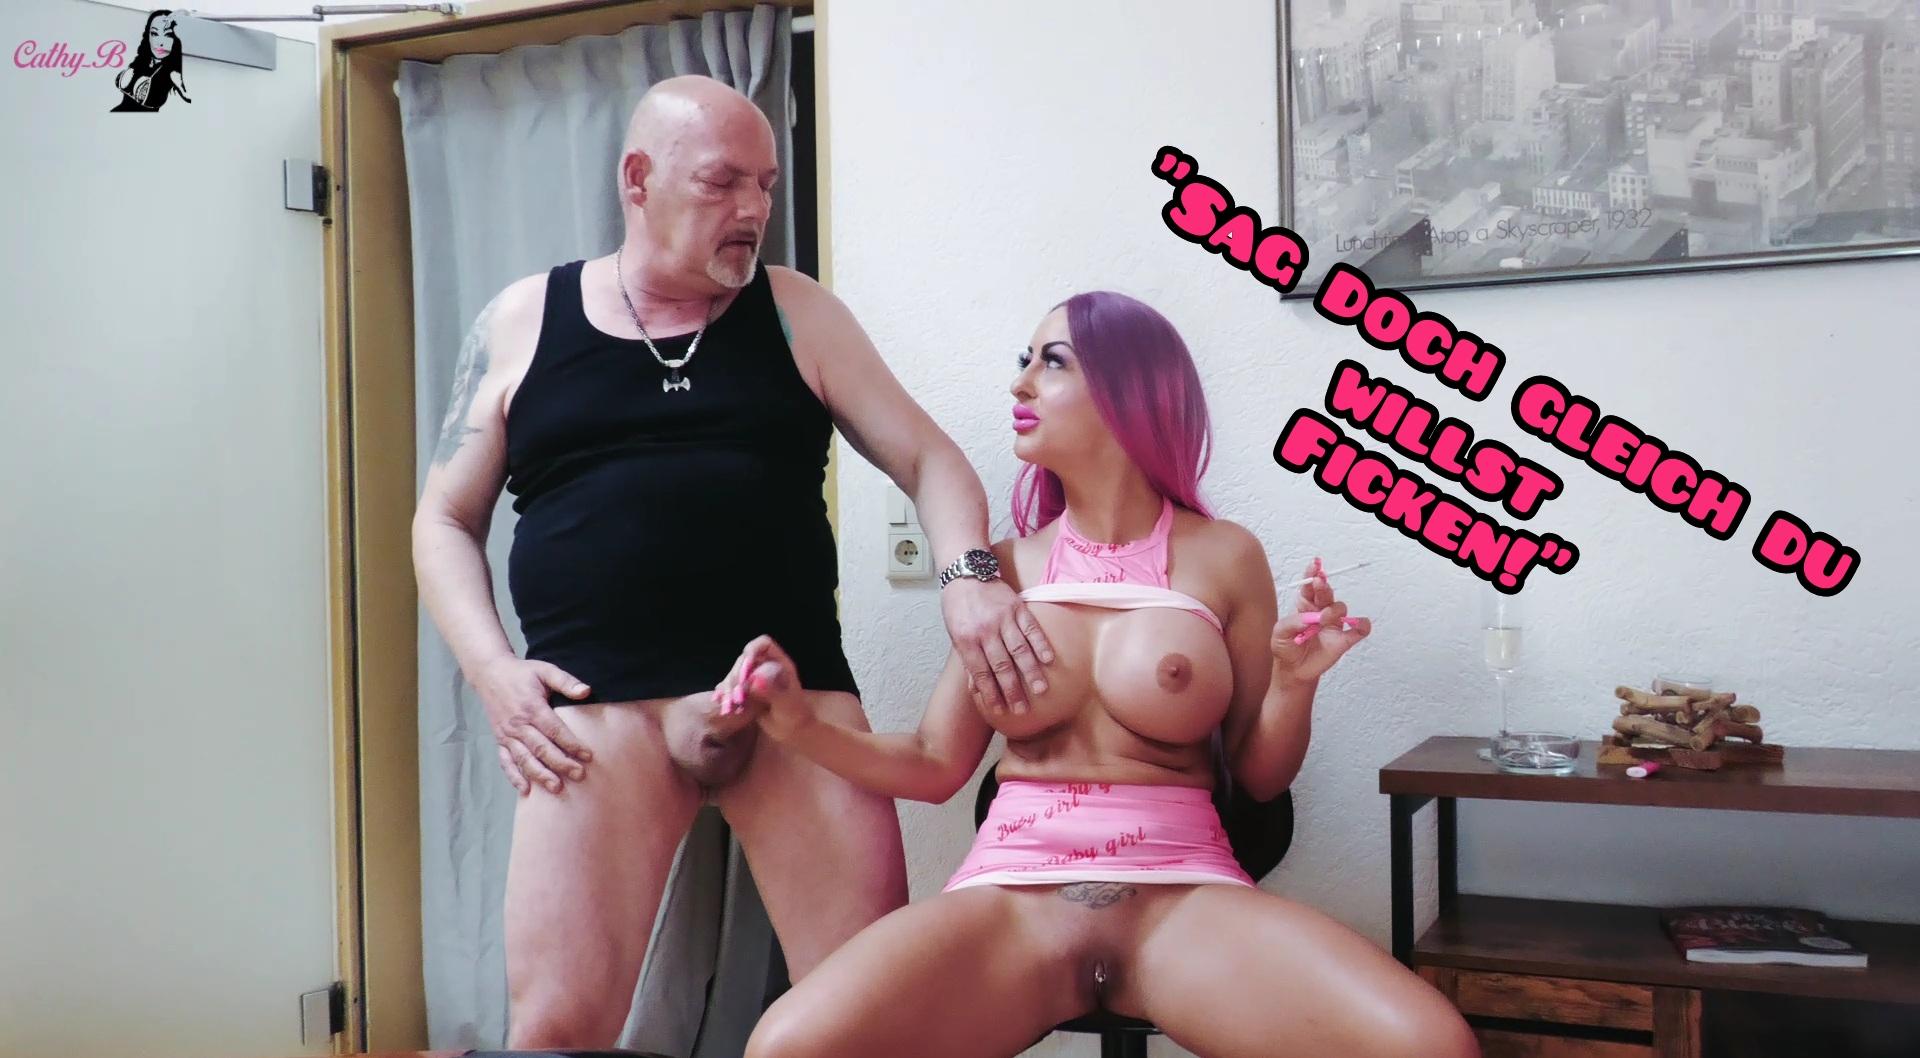 Vorschaubild Video von CathyB